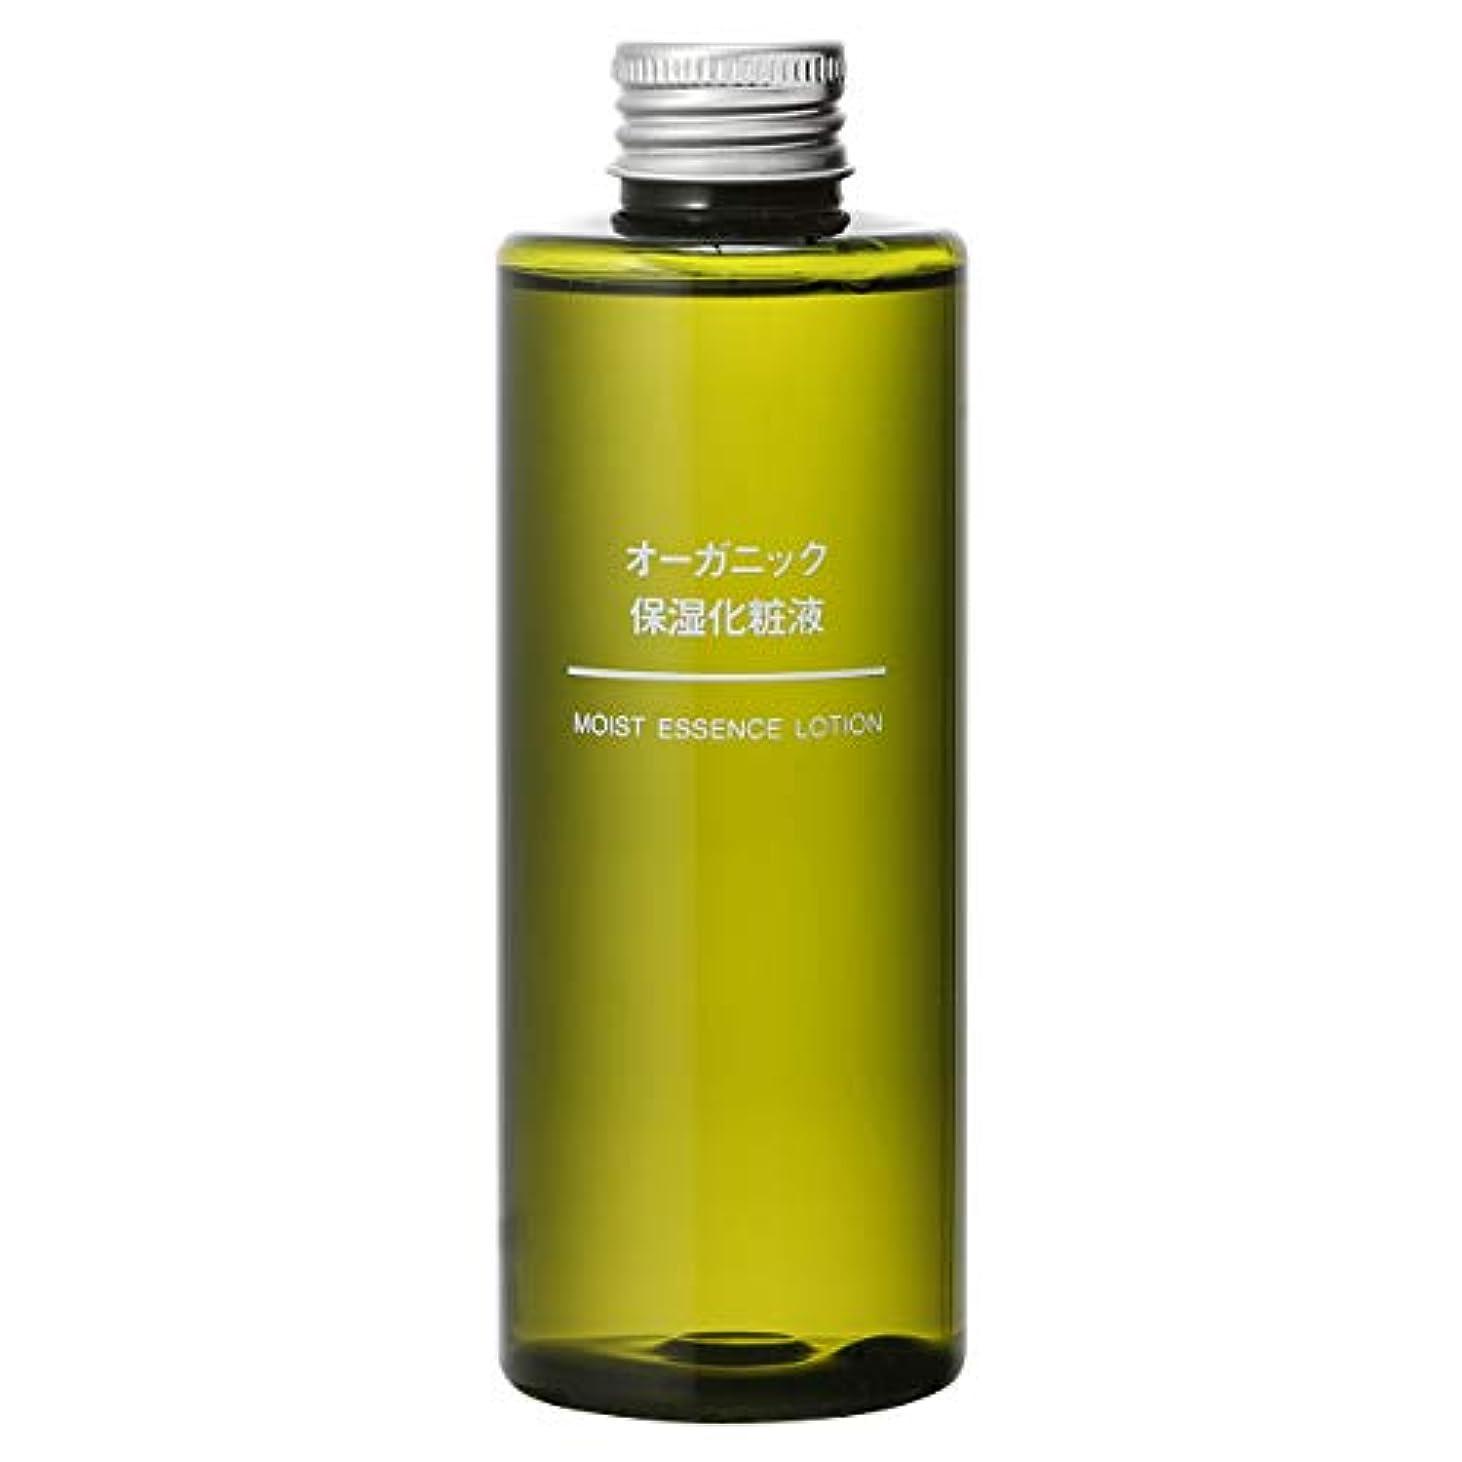 すべきウィスキーグリル無印良品 オーガニック保湿化粧液 200ml